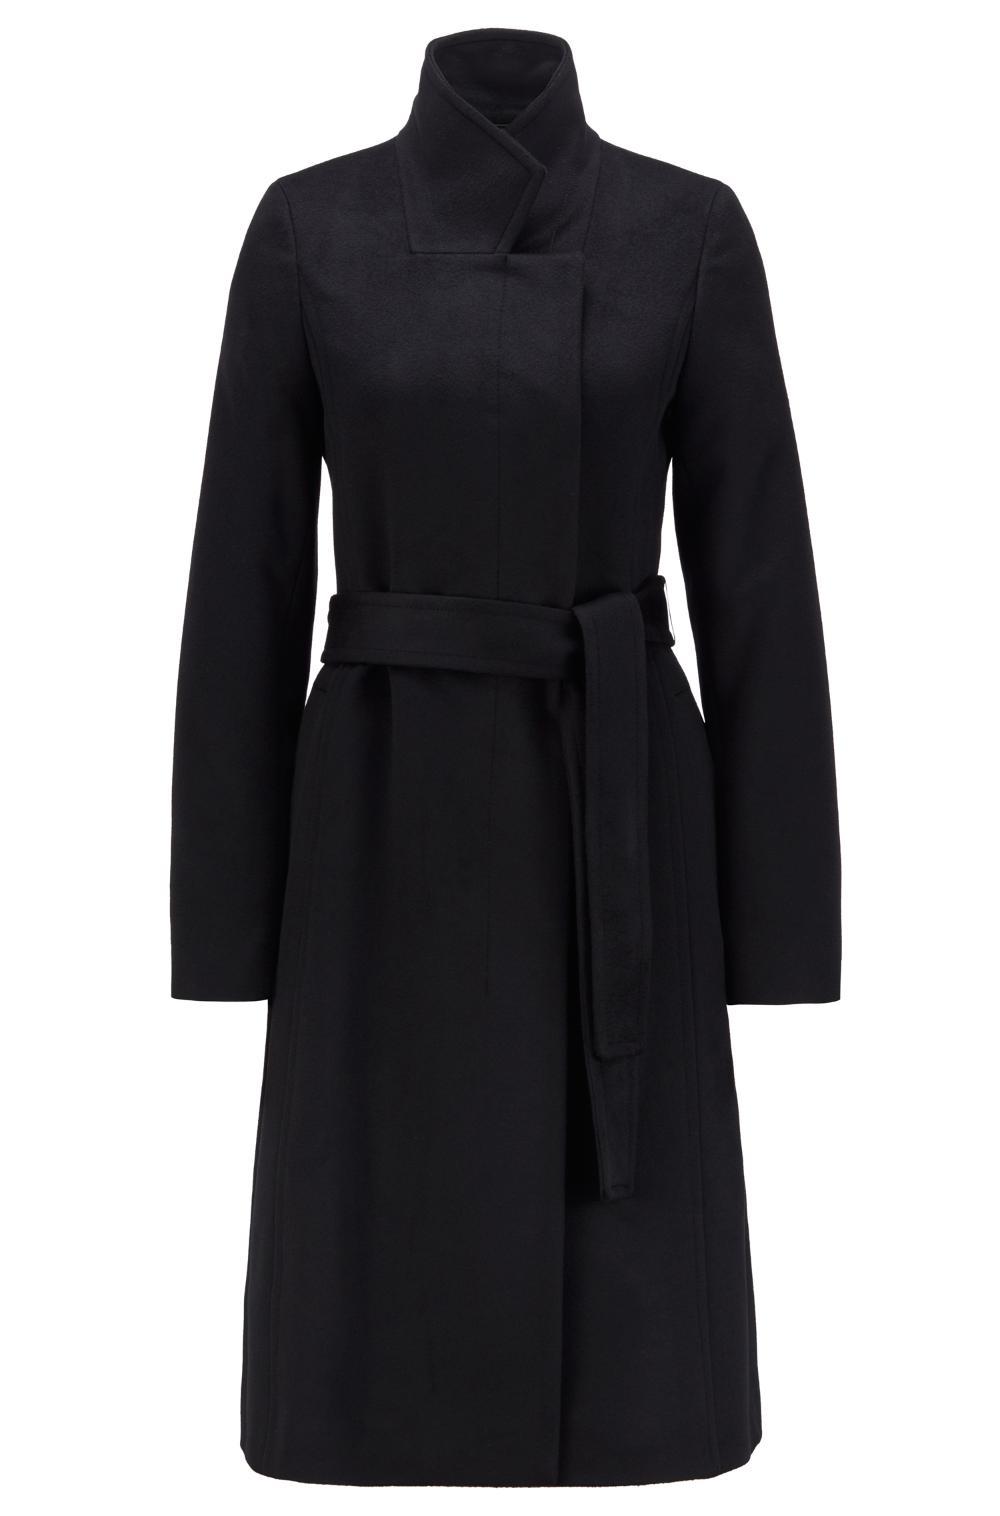 Cappotto in lana vergine italiana con cintura e finitura effetto zibellino BOSS | Cappotti | 50446197001